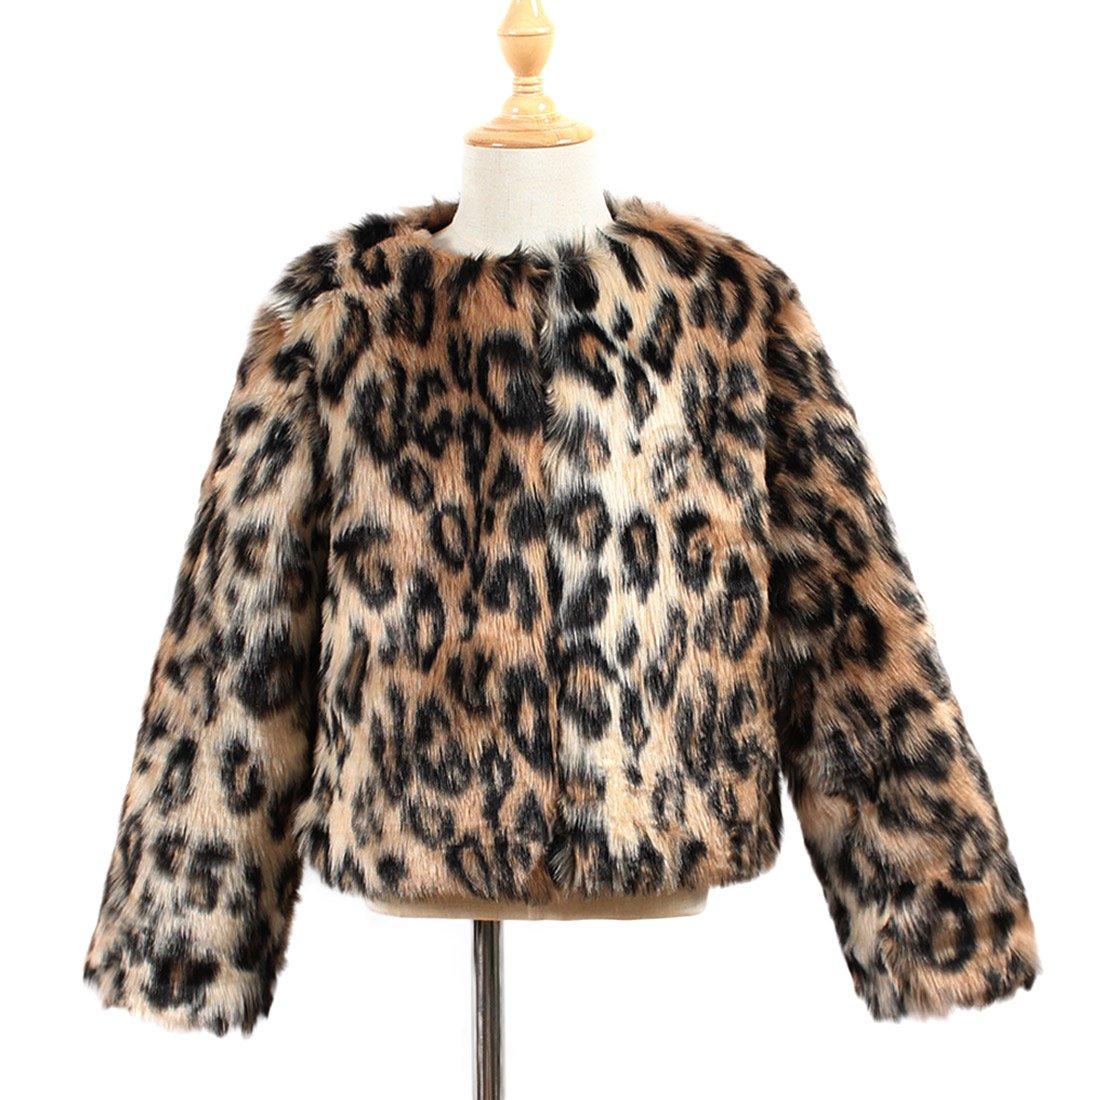 YYF Kinder Mädchen Wintermantel Faux Pelz Mantel Warm Winterjacke Kinderjacken Leopard Pelzjacke